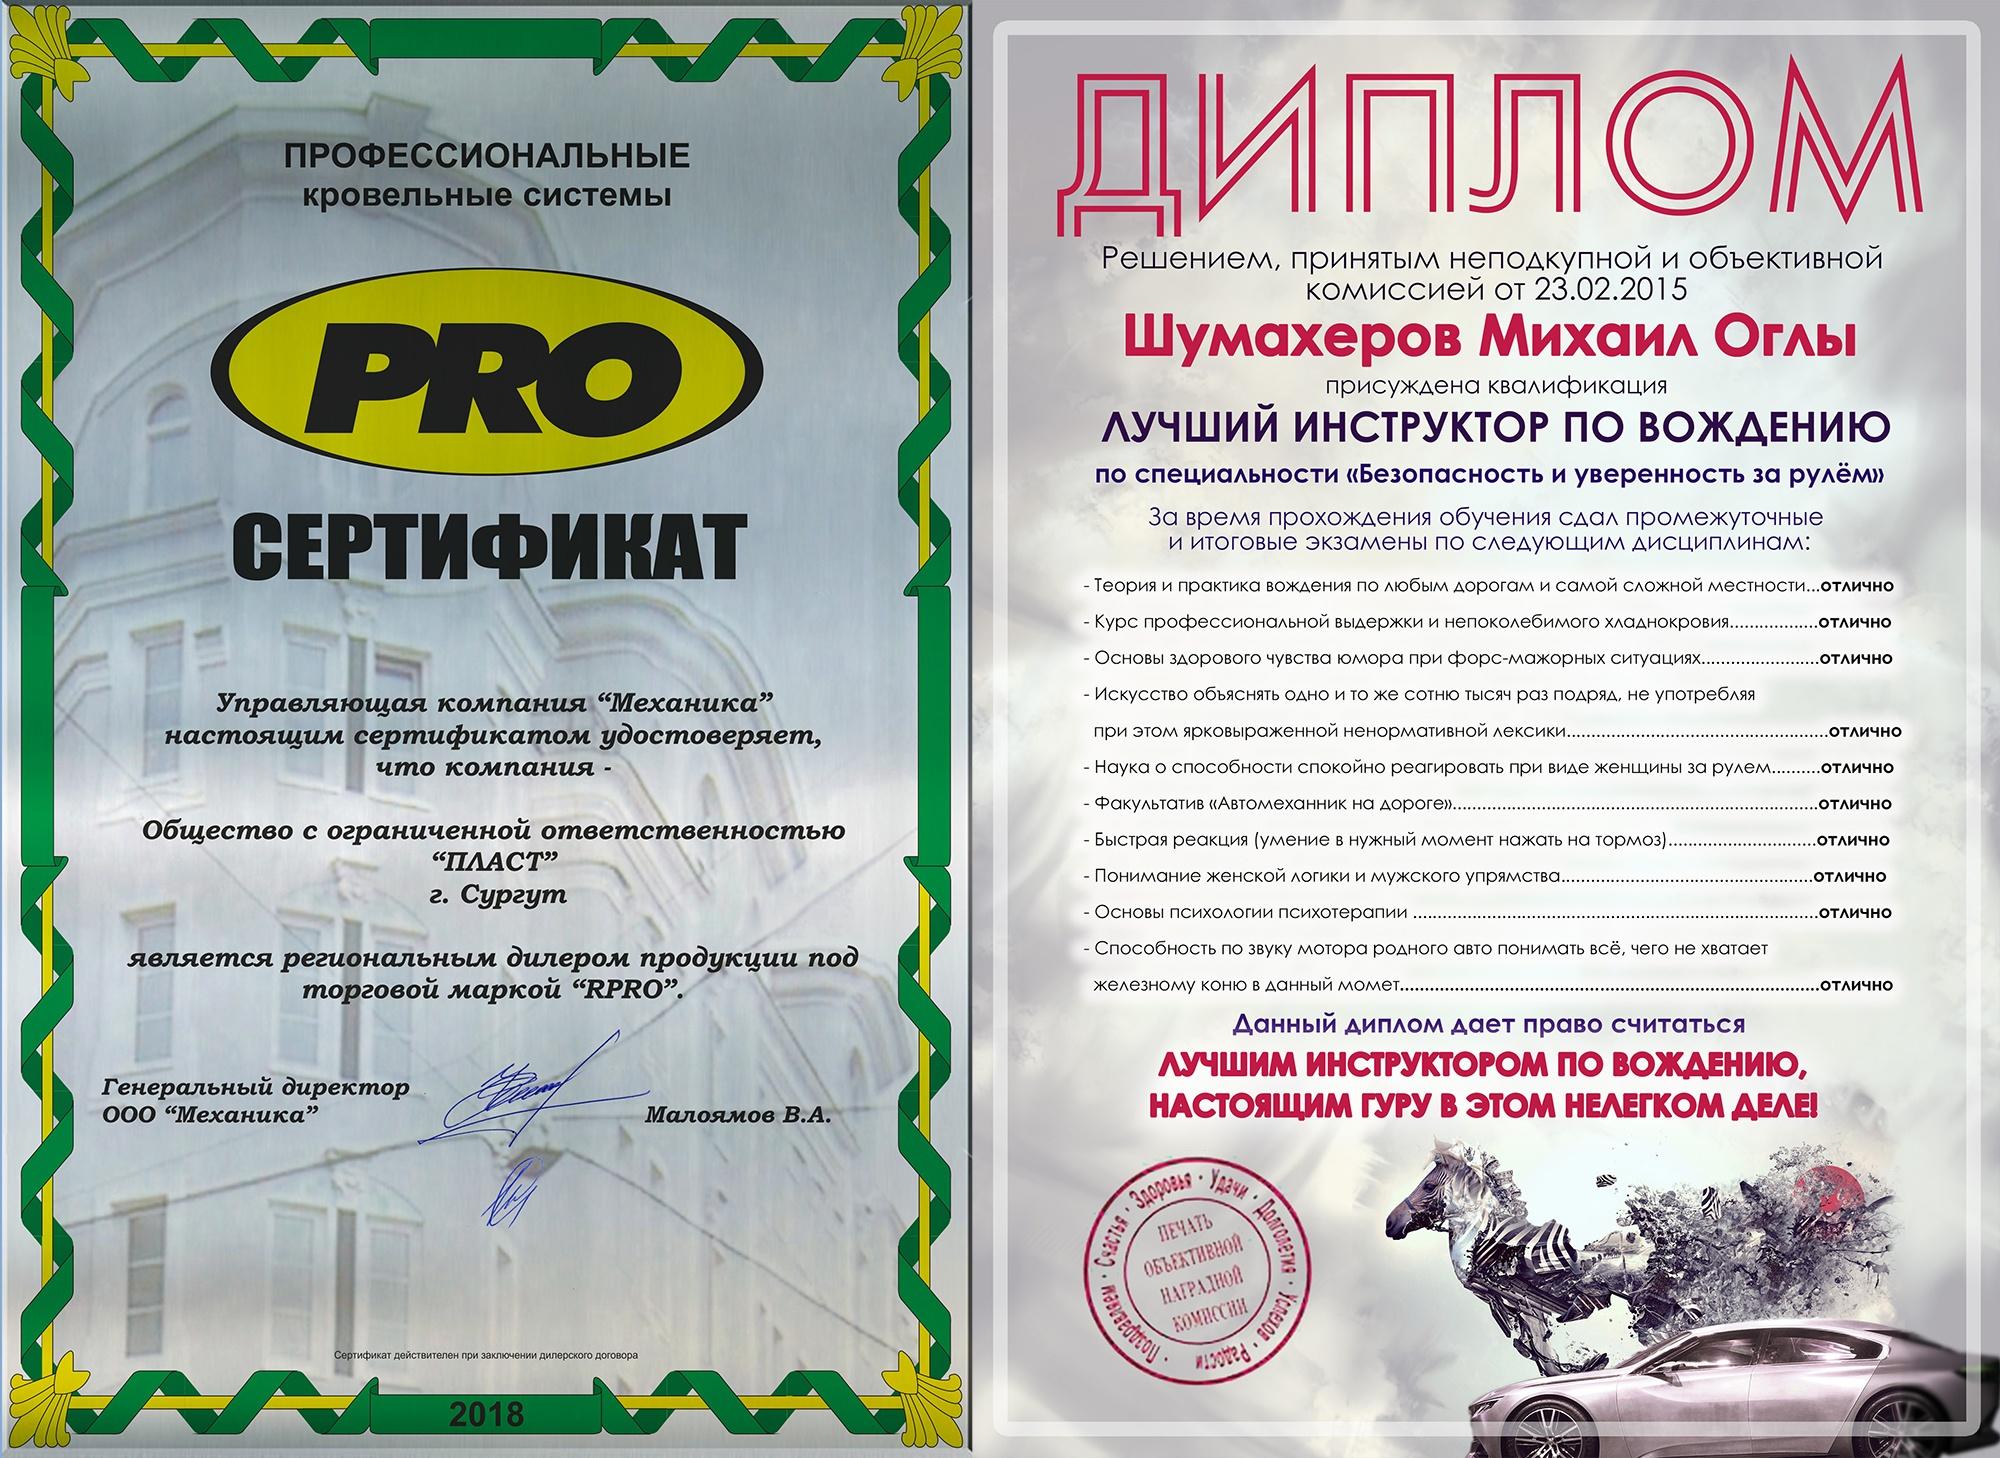 Наградные дипломы и сертификаты на металле Наградные дипломы и сертификаты